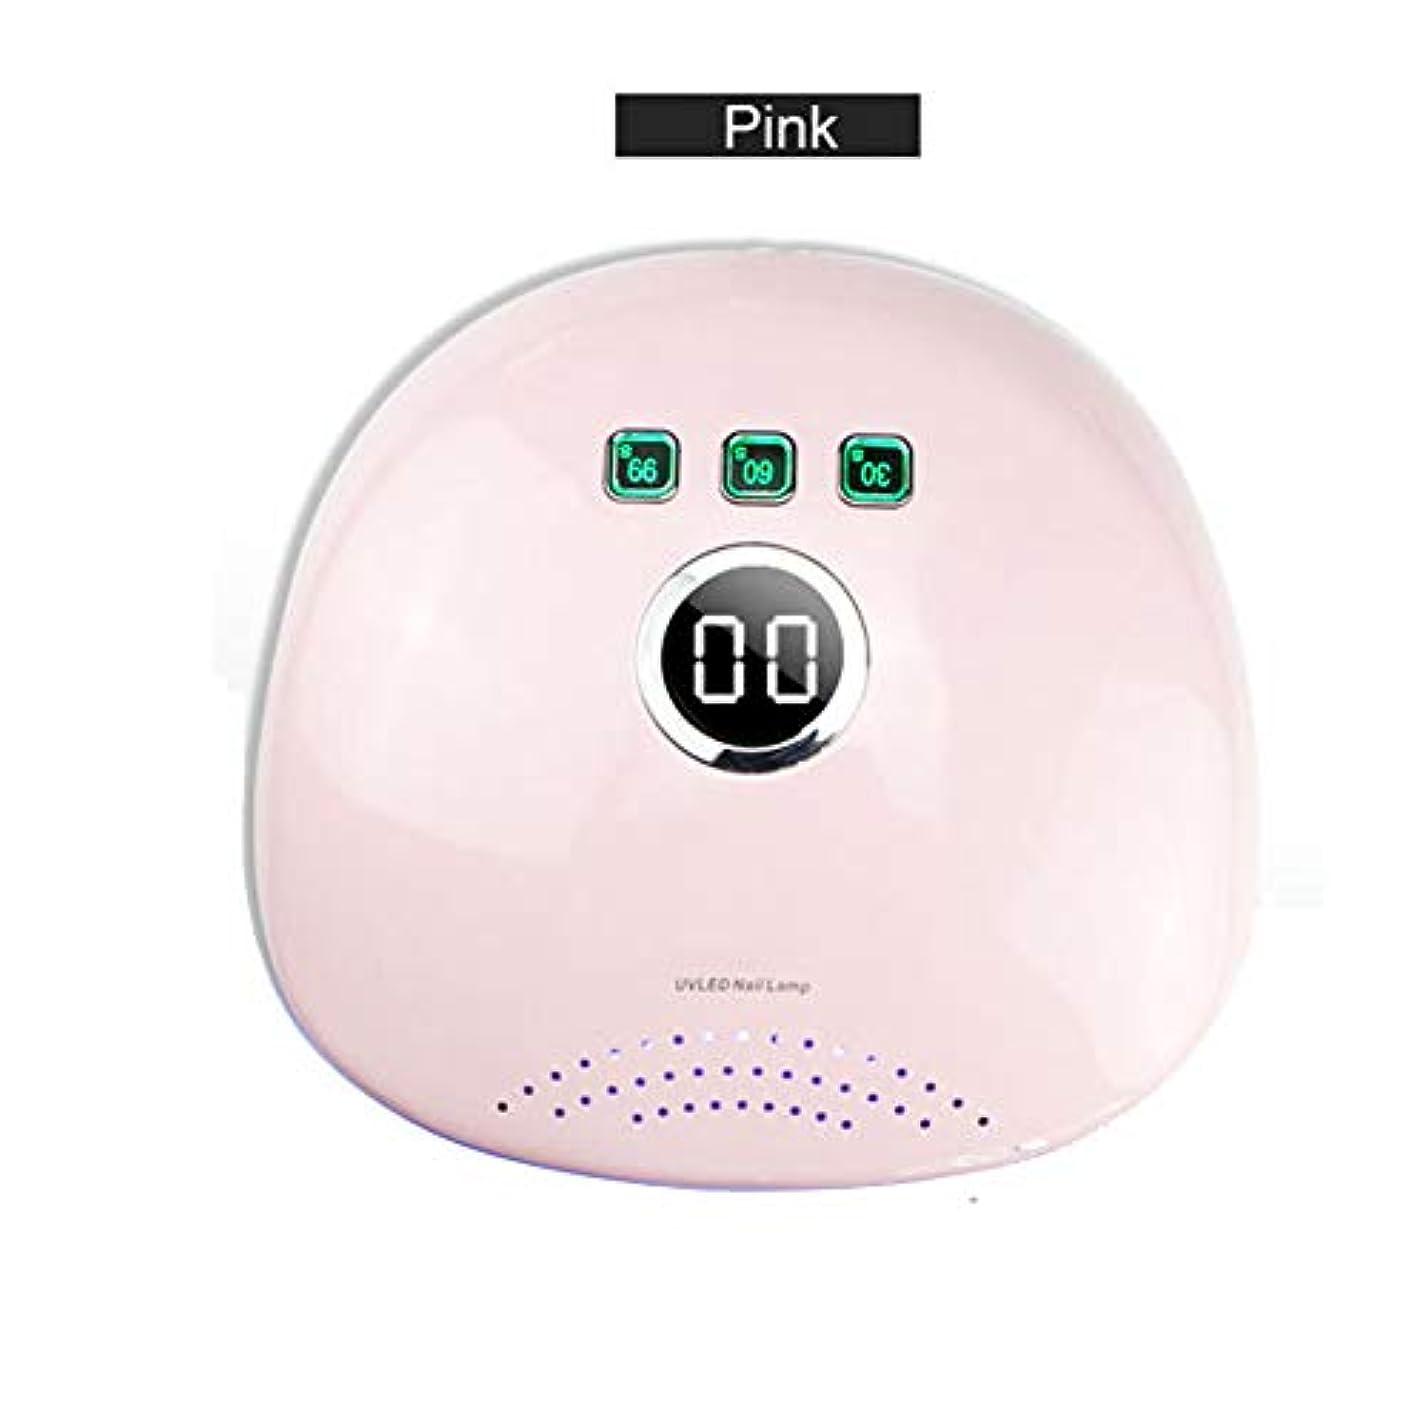 複製する定期的に写真を描く紫外線LEDの釘ランプ、ゲルのための48W専門の紫外線ランプは取り外し可能な基盤が付いている30/60 / 99sタイマーの二重ライトモードを釘付けします,Pink